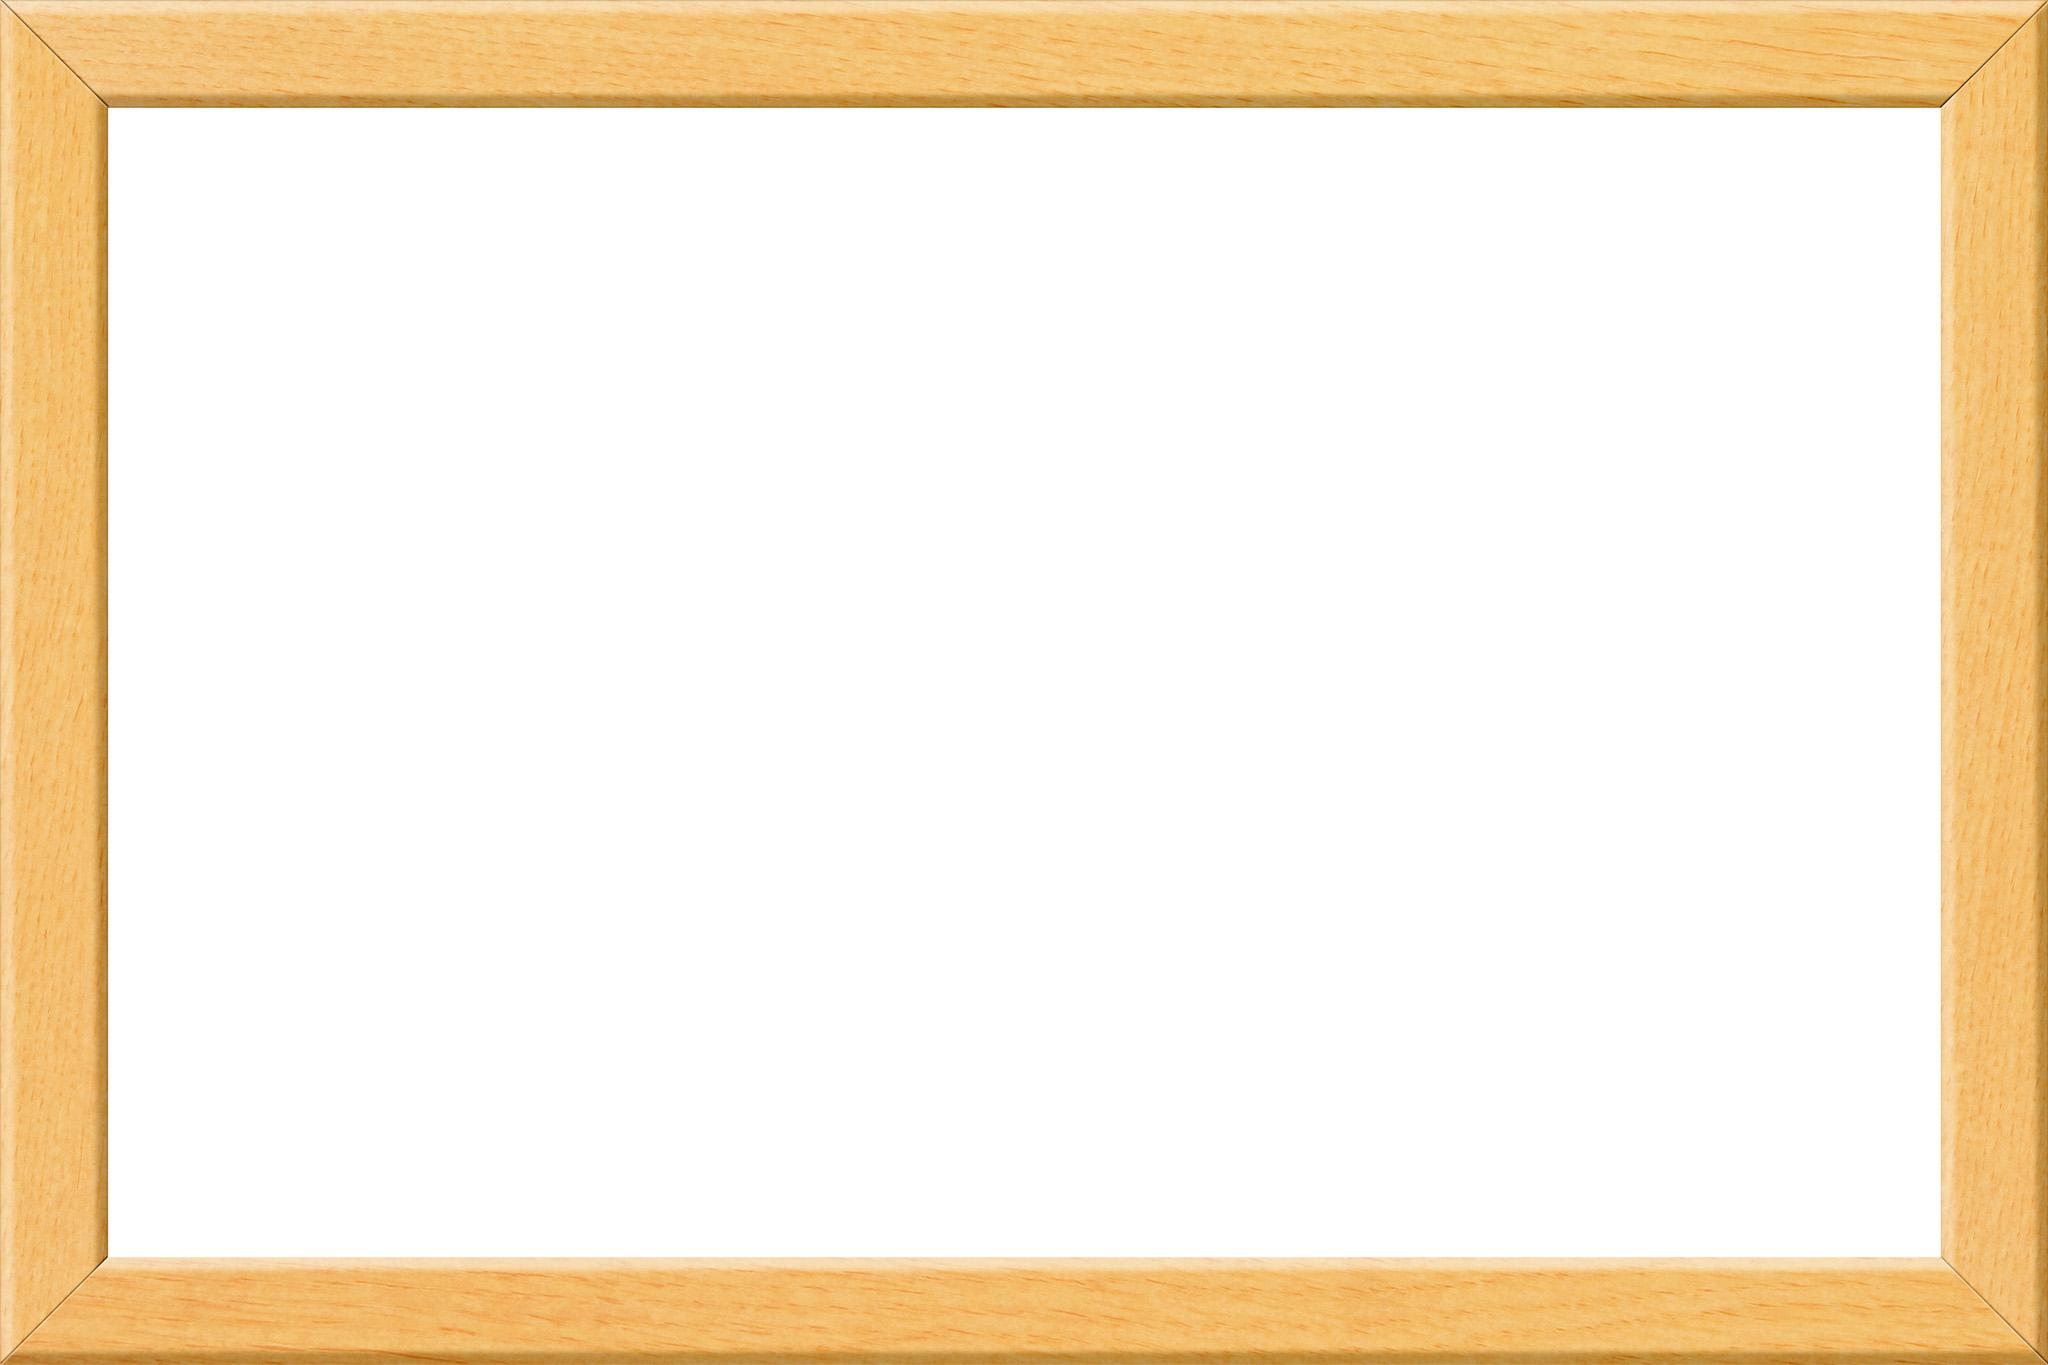 「明るい雰囲気の木製の額縁」